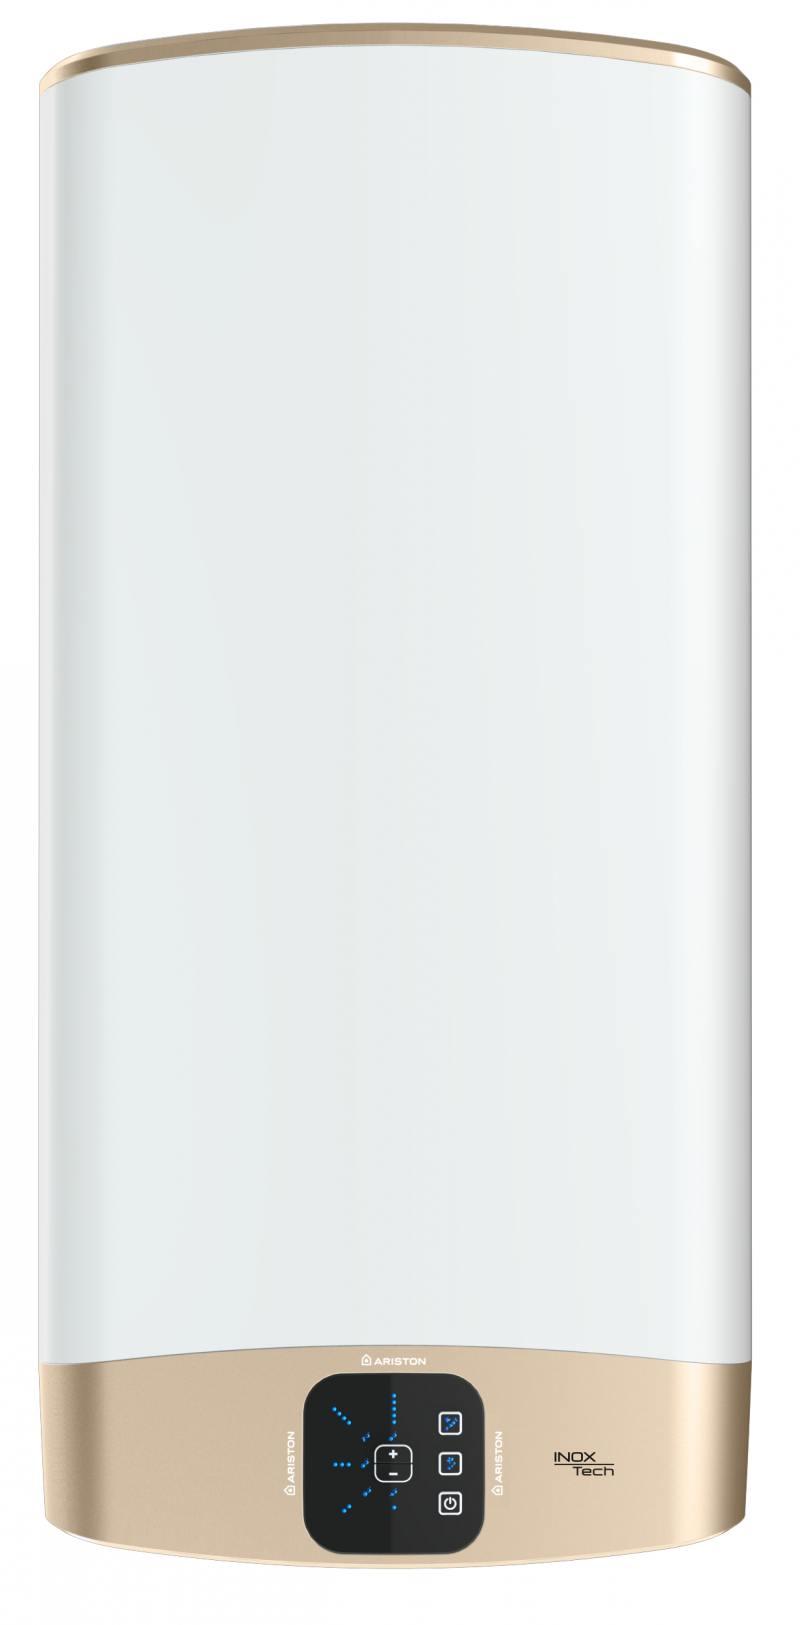 Водонагреватель накопительный Ariston ABS VLS EVO INOX PW 80 D 80л 2.5кВт 3626124 водонагреватель накопительный ariston abs vls evo inox pw 50 d